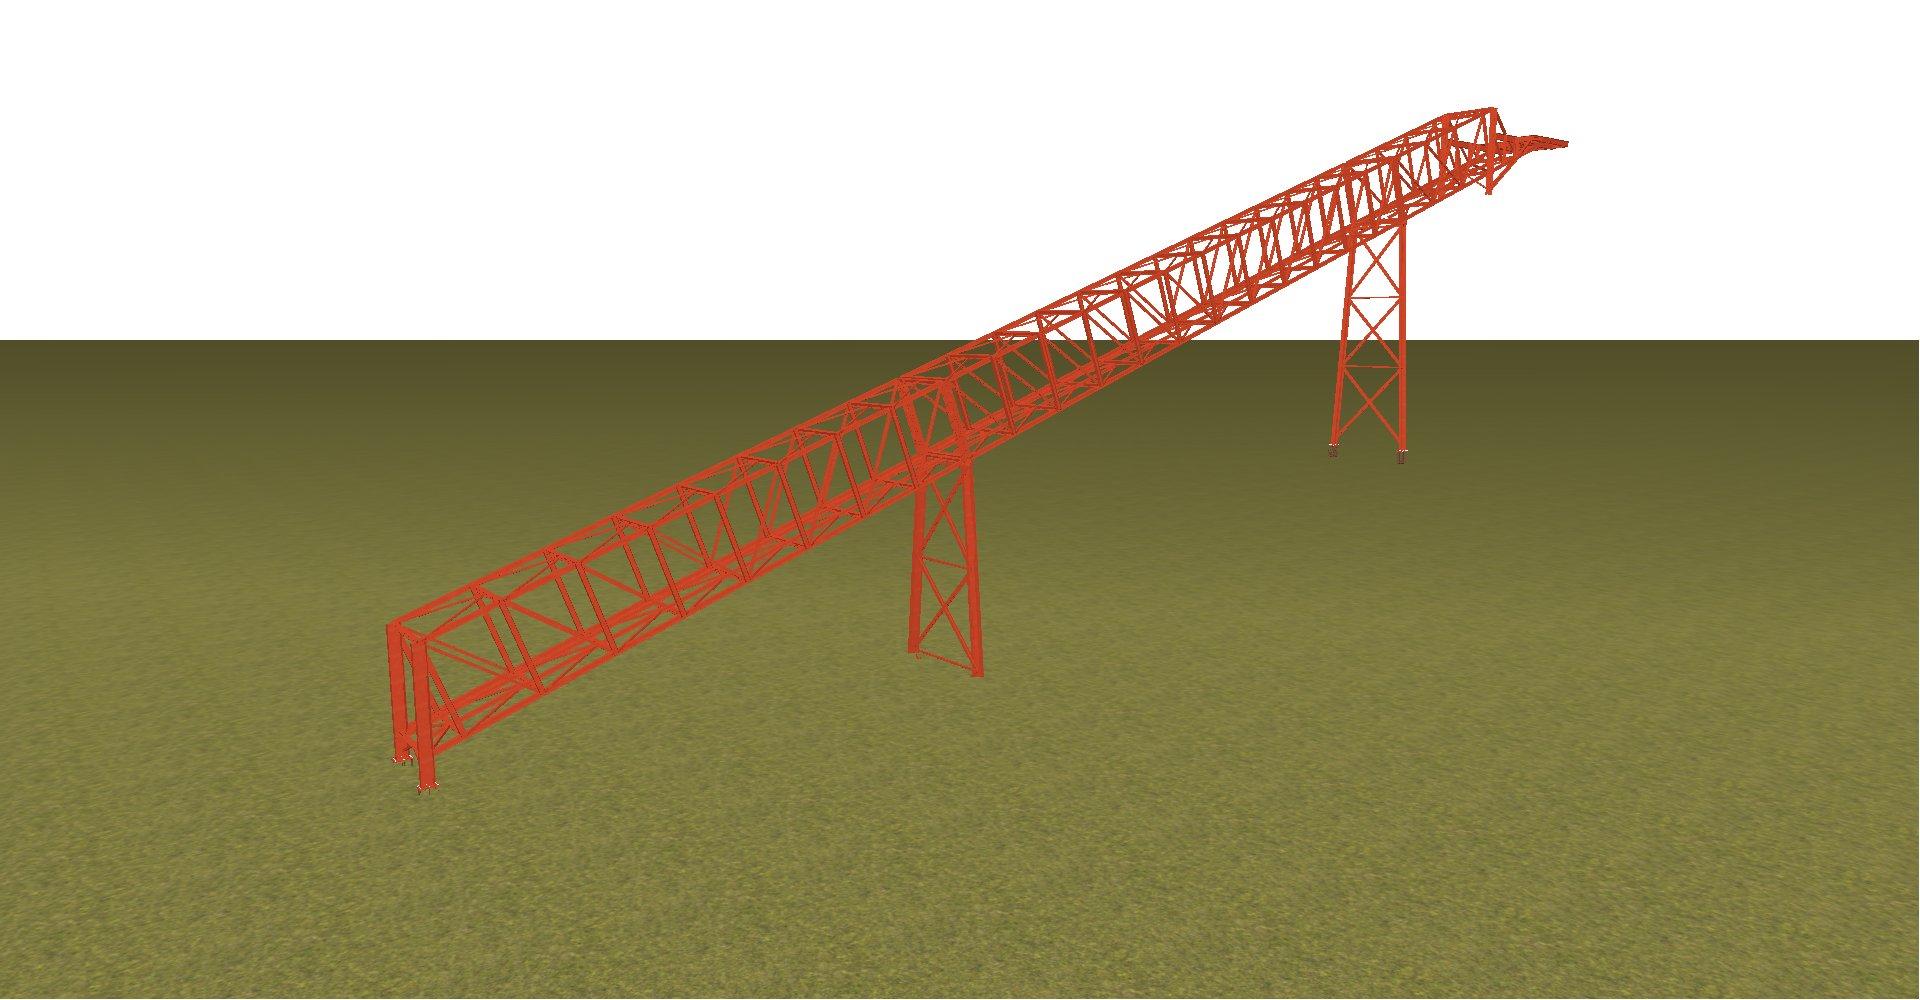 Puente de carga 01 - Proyectos ACCE Ingeniería